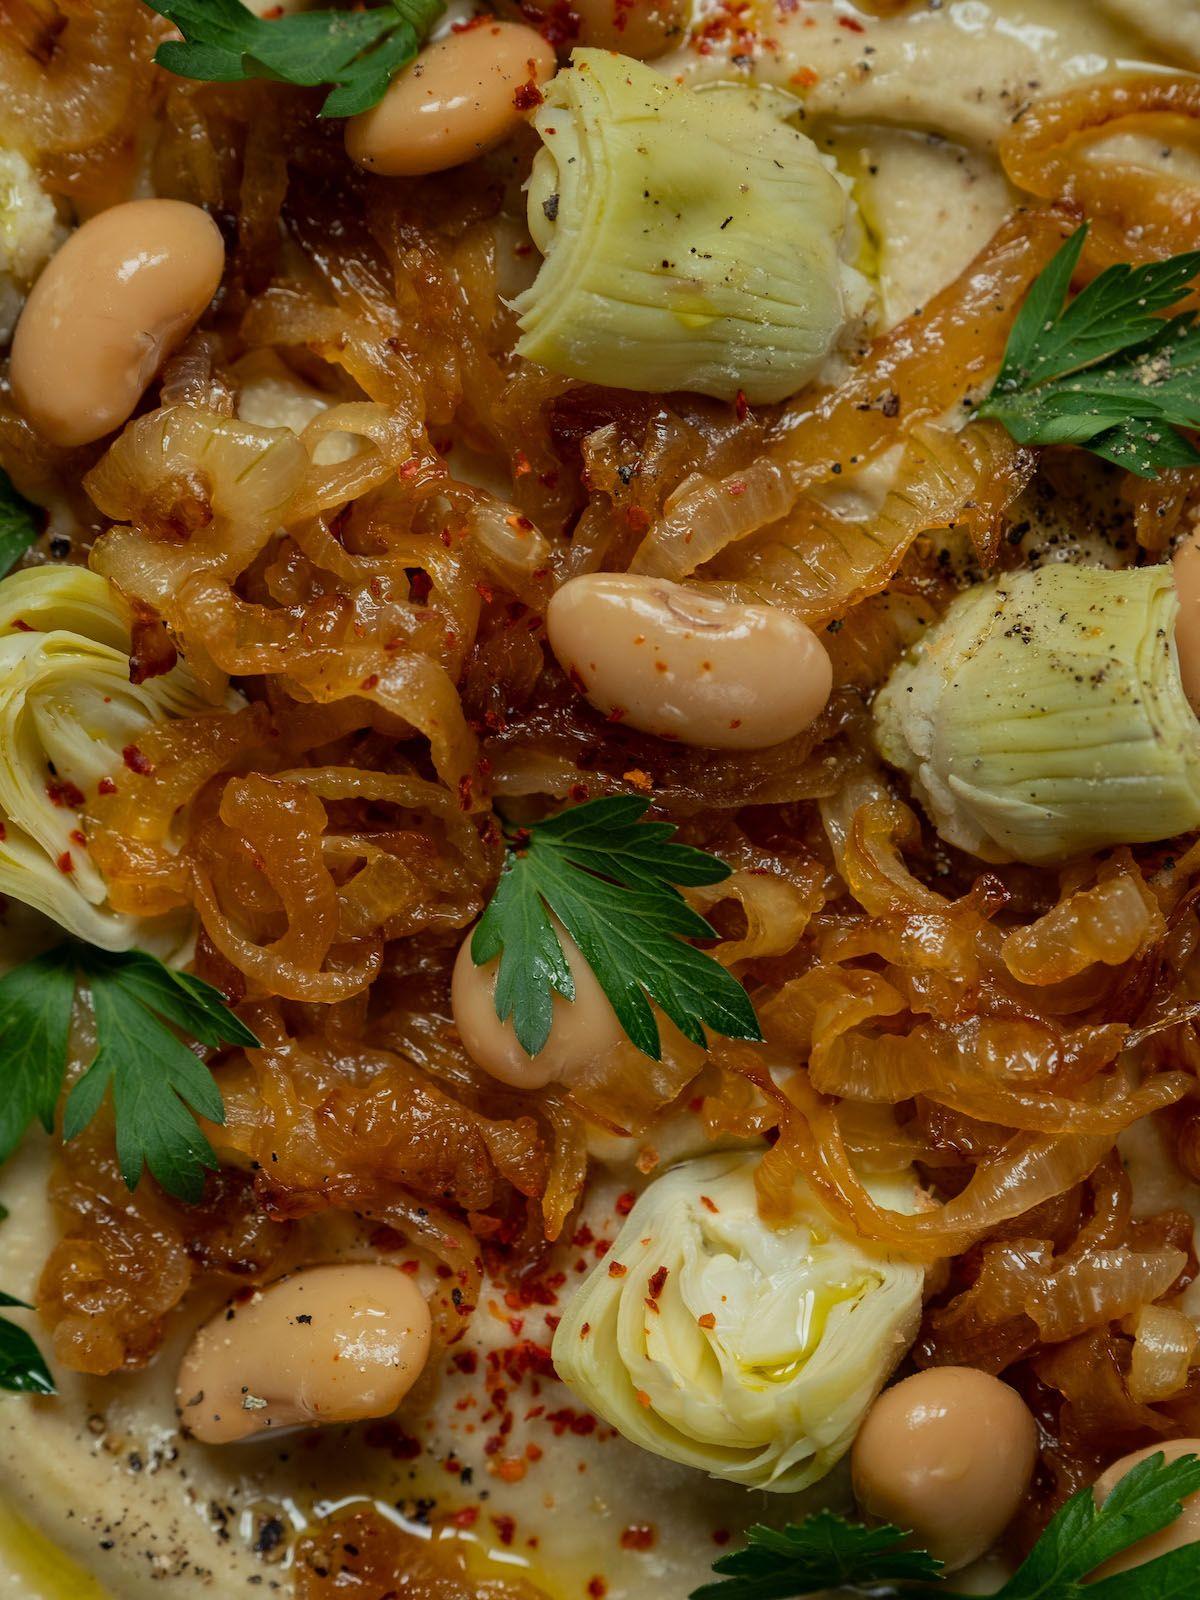 foodblpog, about fuel, rezept, Weiße Bohnen artischocken Dip, karamellisierte Zwiebeln, Pfeffer